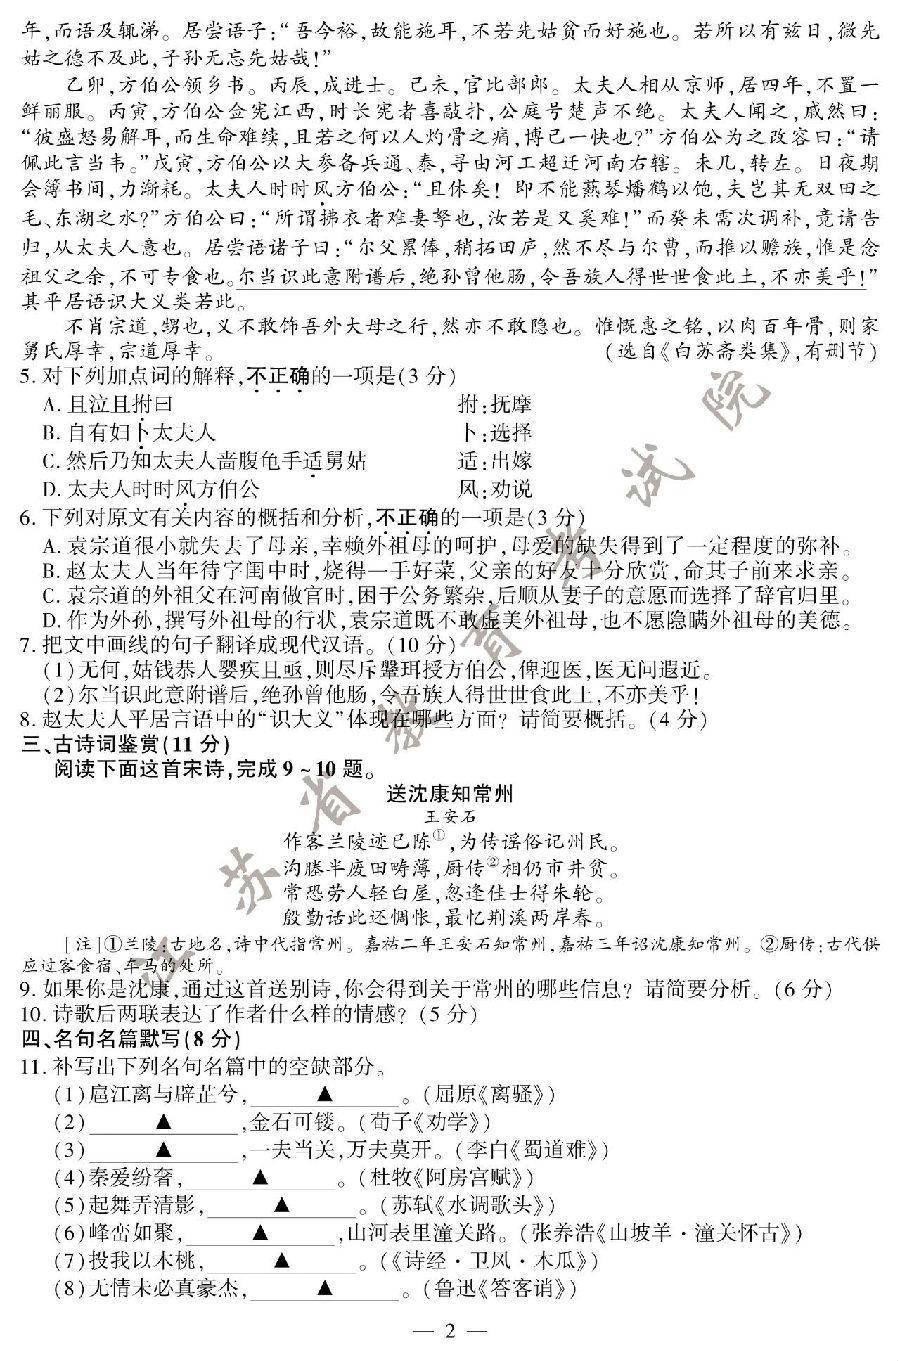 2020年江苏卷语文高考真题及参考答案